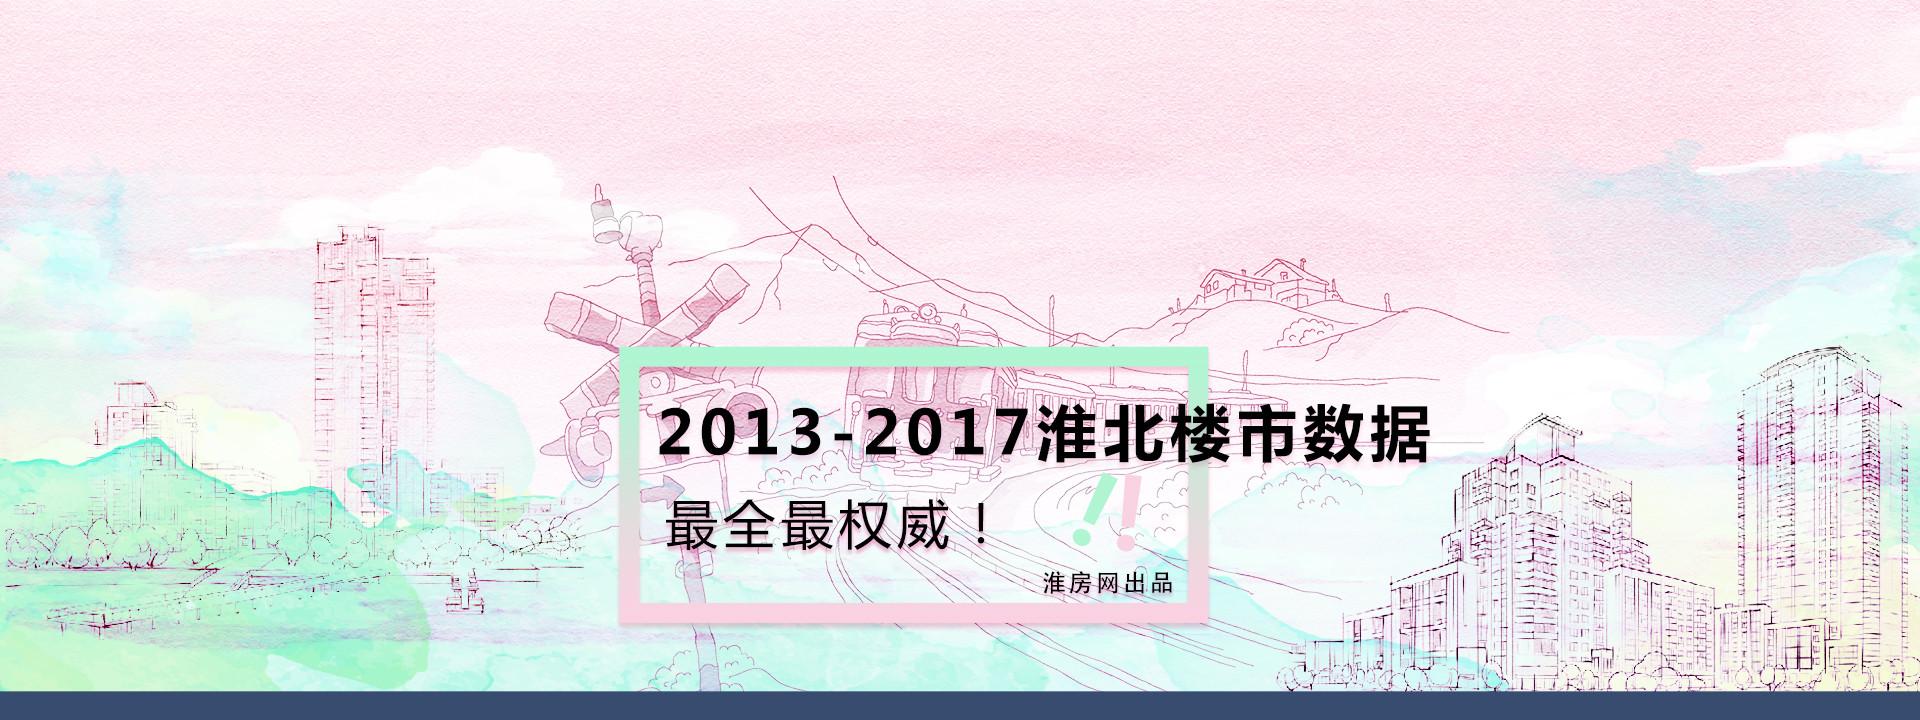 2013-2017 淮北最近五年楼市成交数据一览